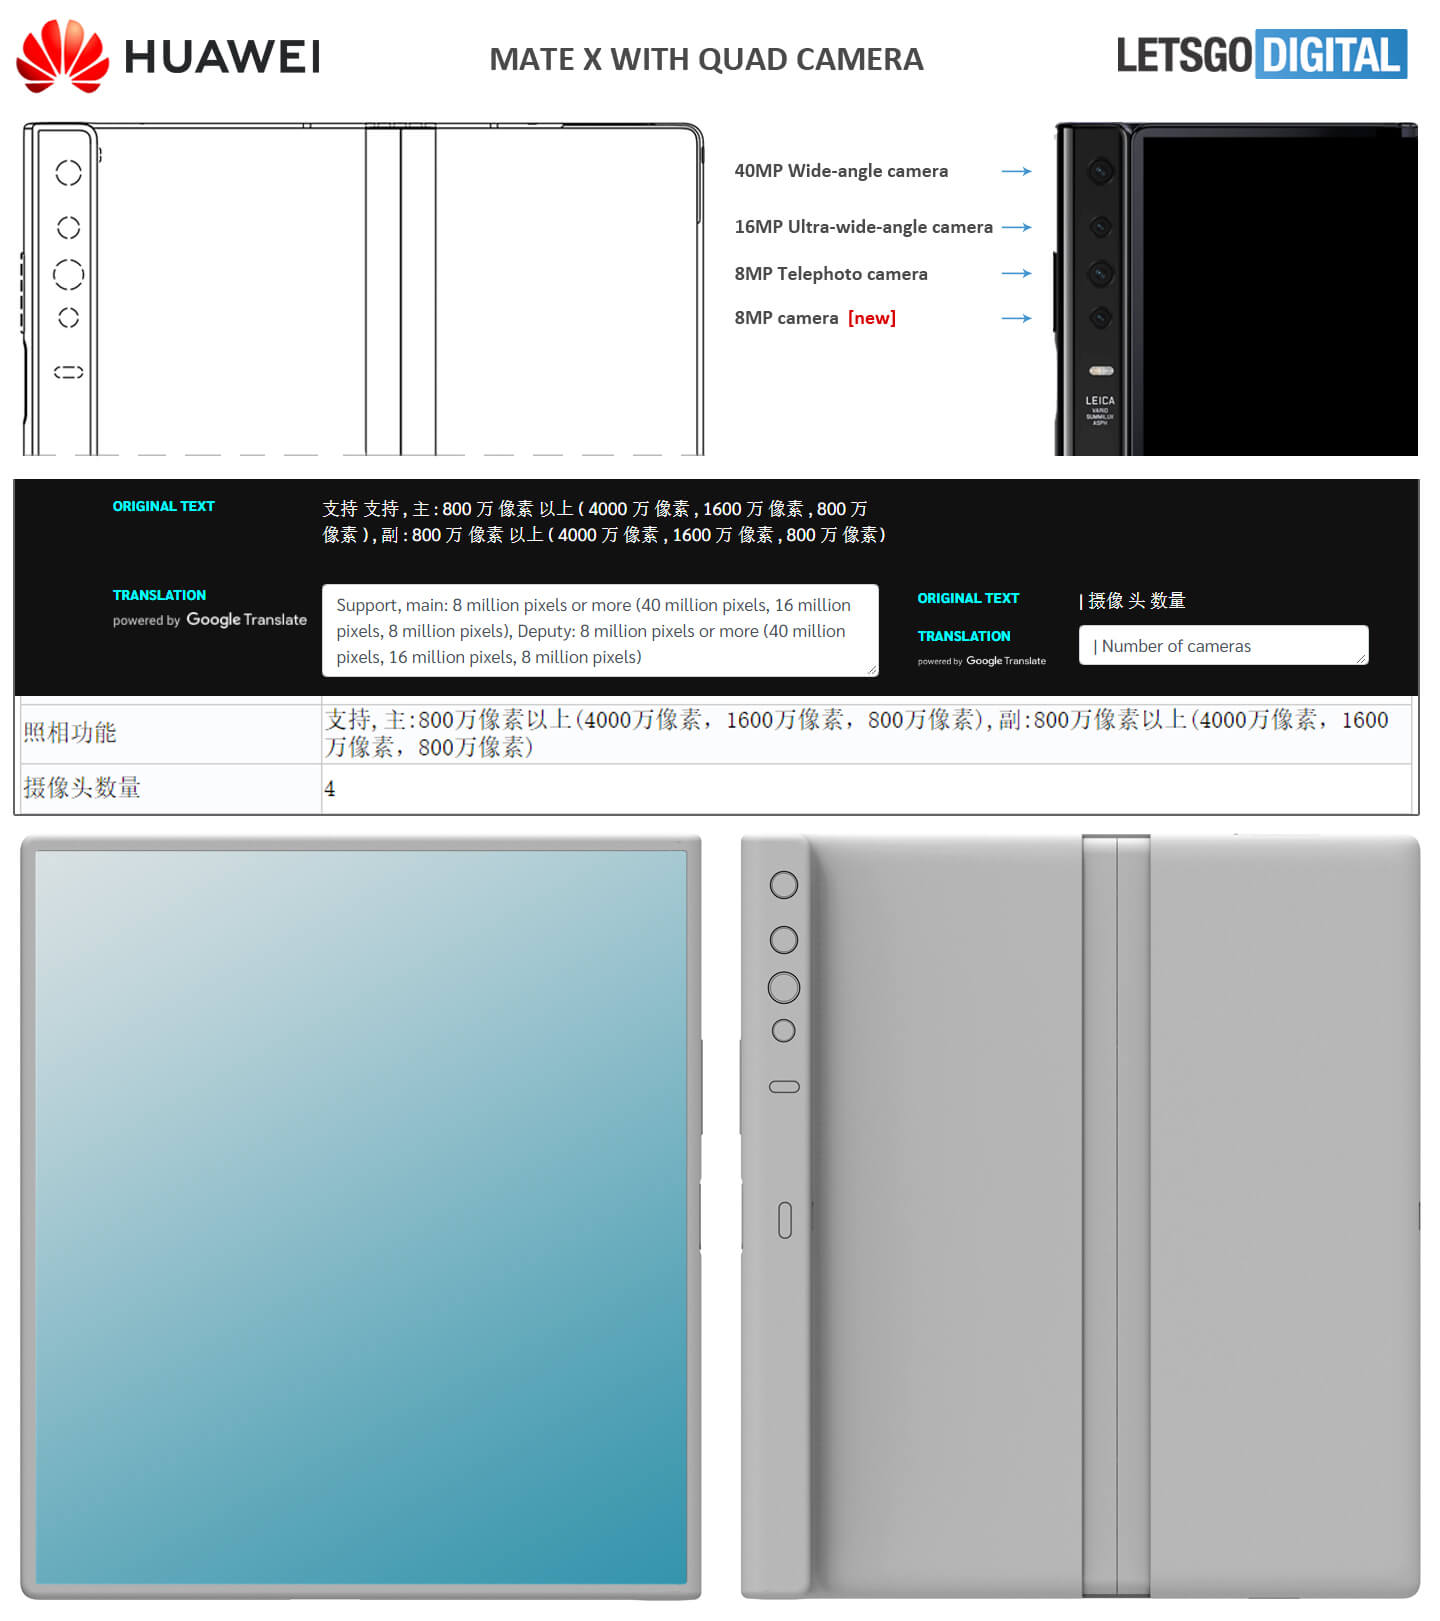 Huawei Mate X Quad camera